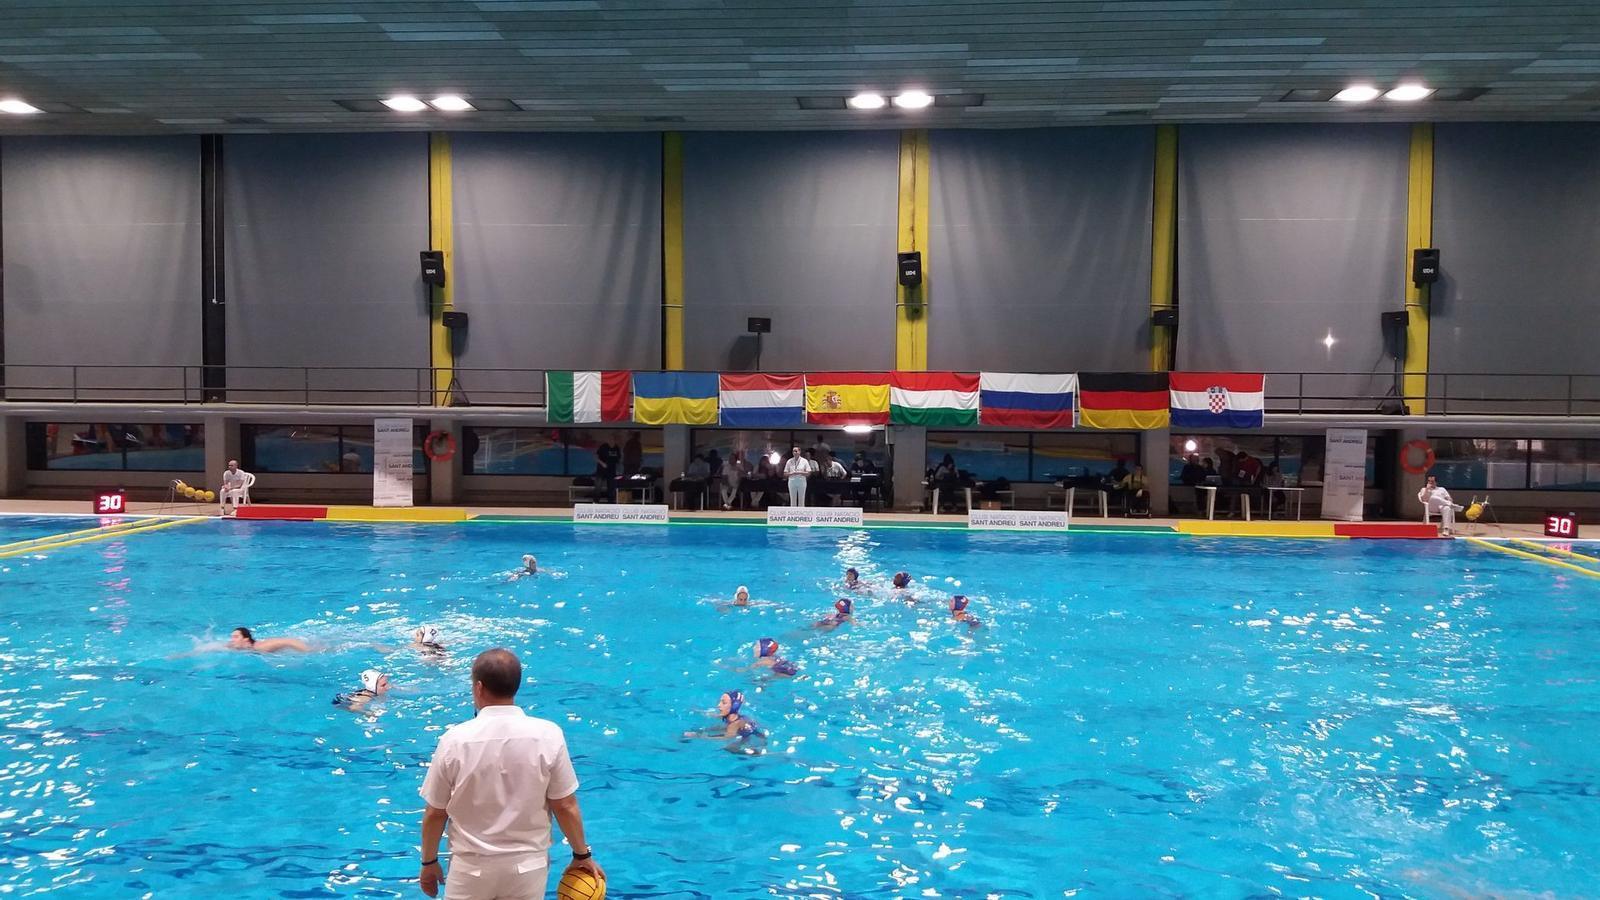 L'Atralpool Club Natació Sabadell ha vençut el Dunajvaros en el primer partit de la jornada